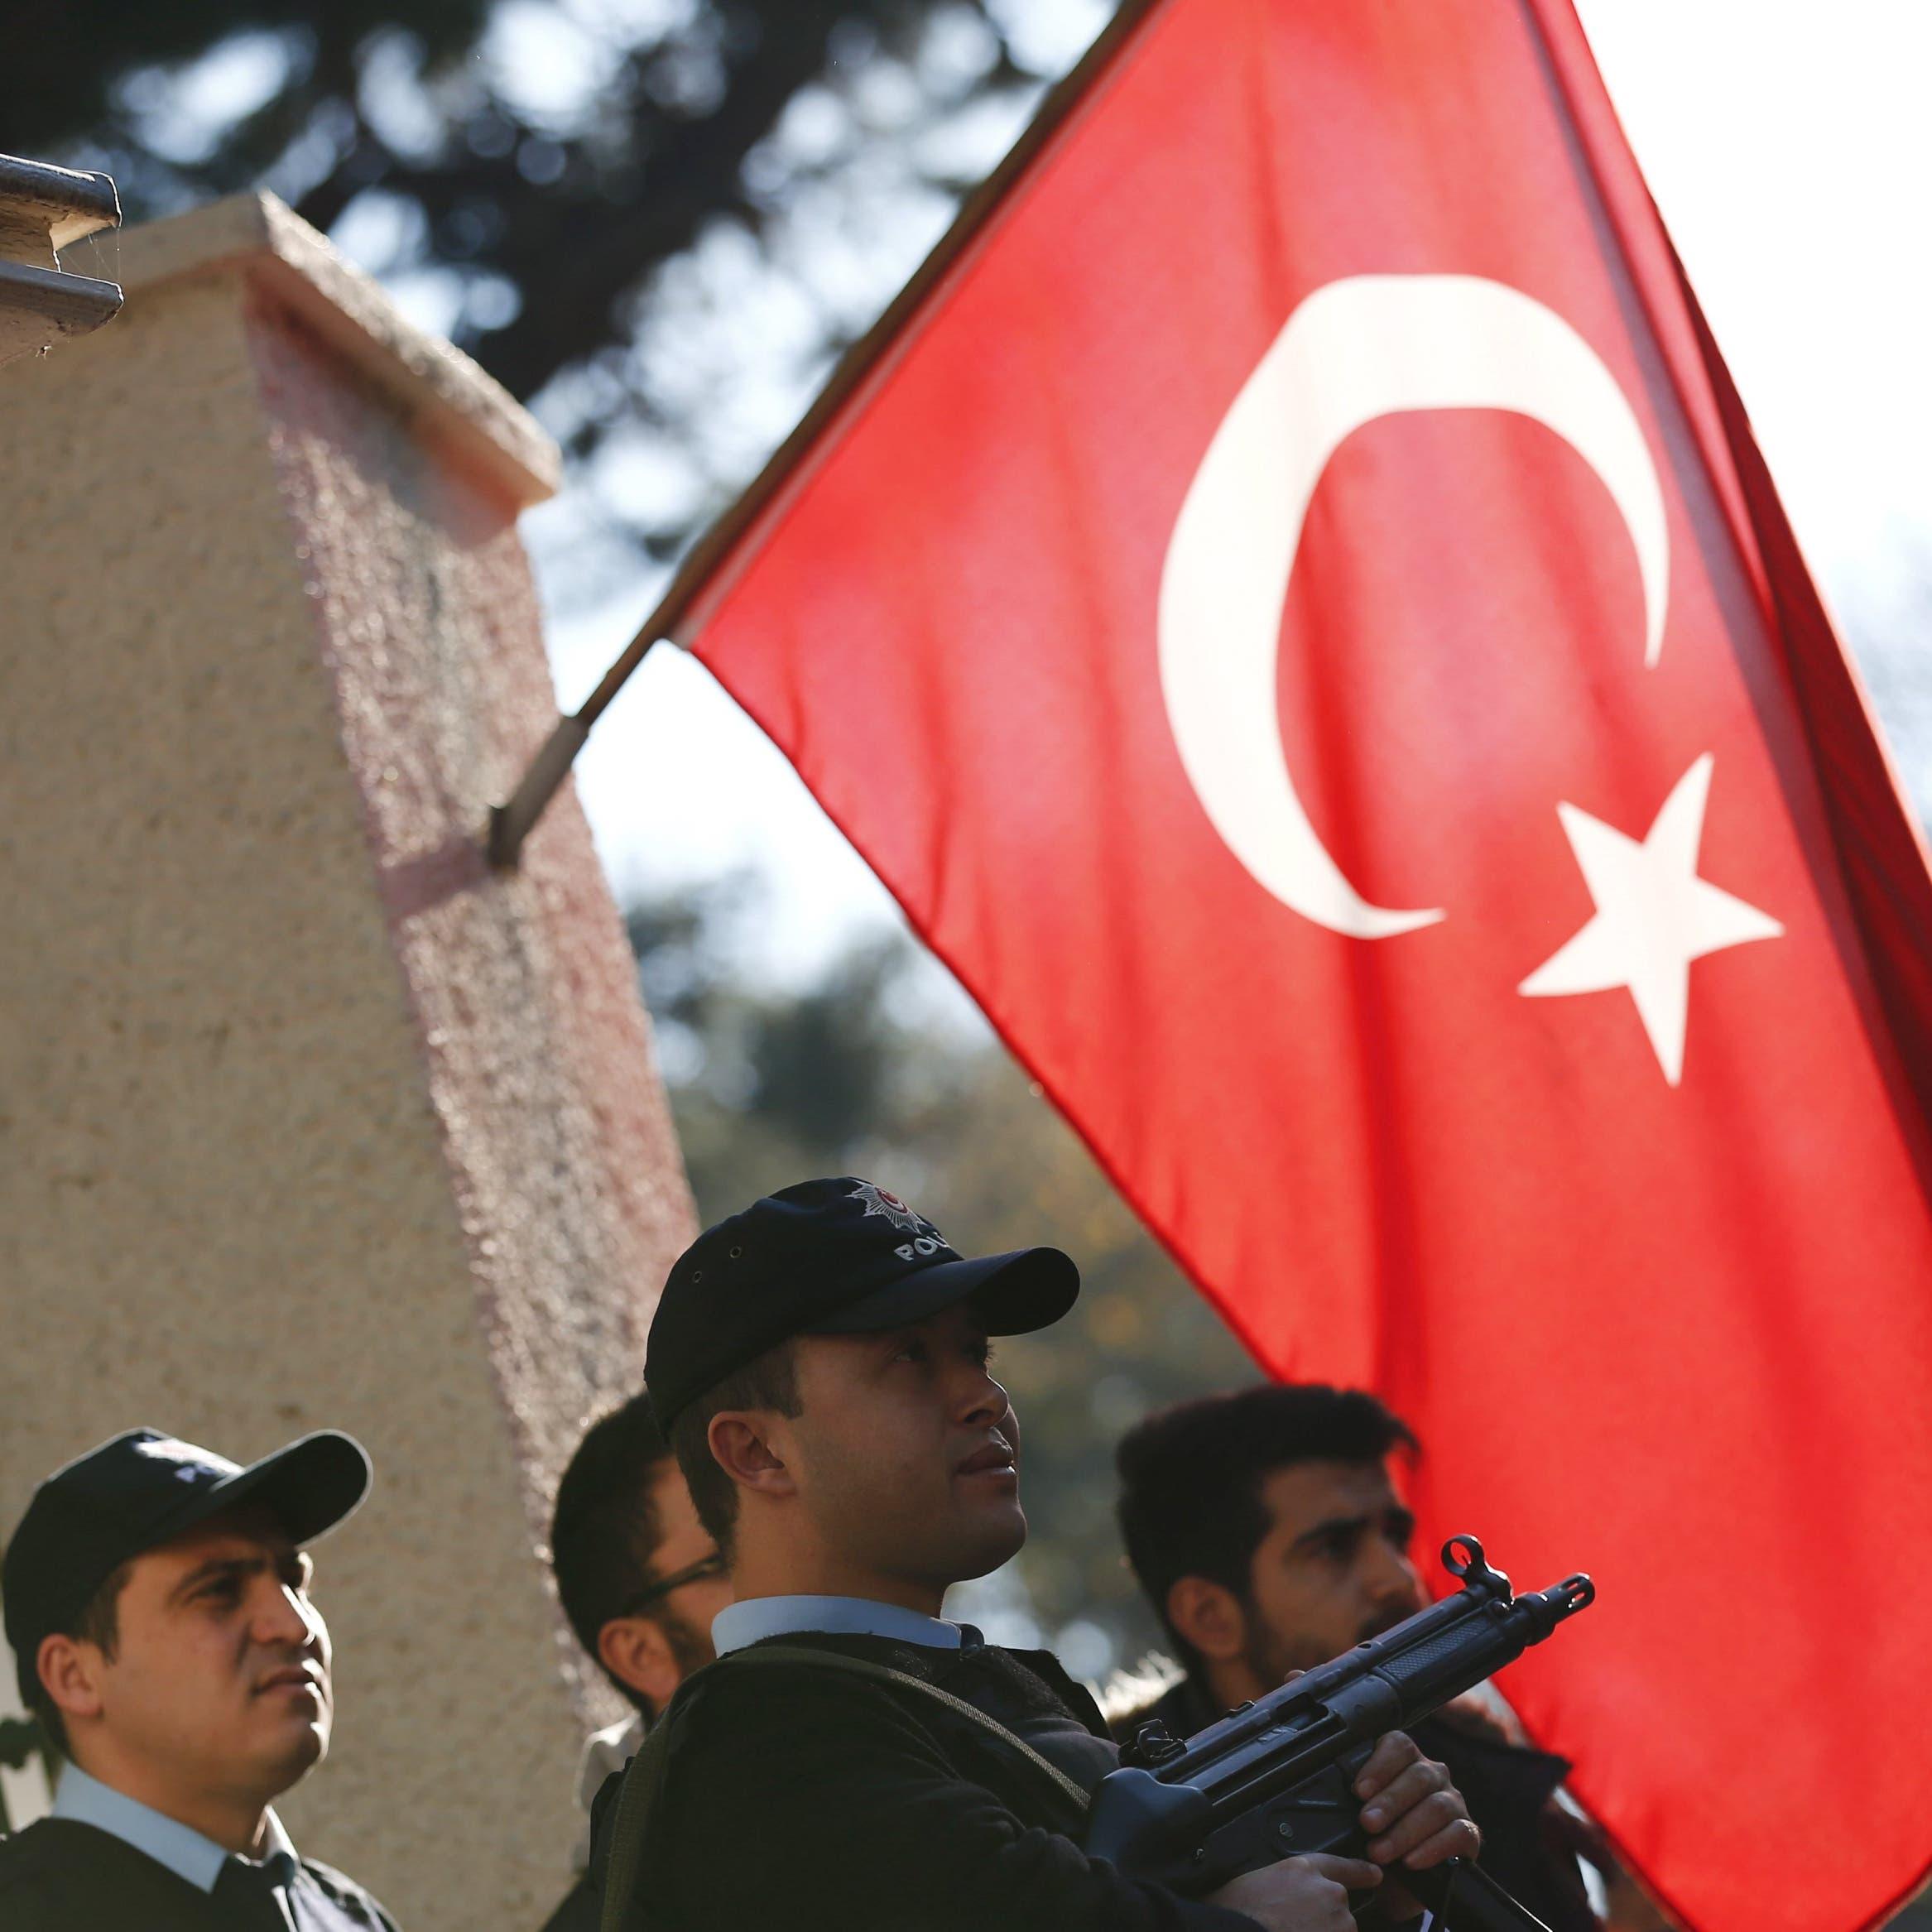 80 ألف تركي في السجون.. تقرير أميركي يؤكد قمع أنقرة